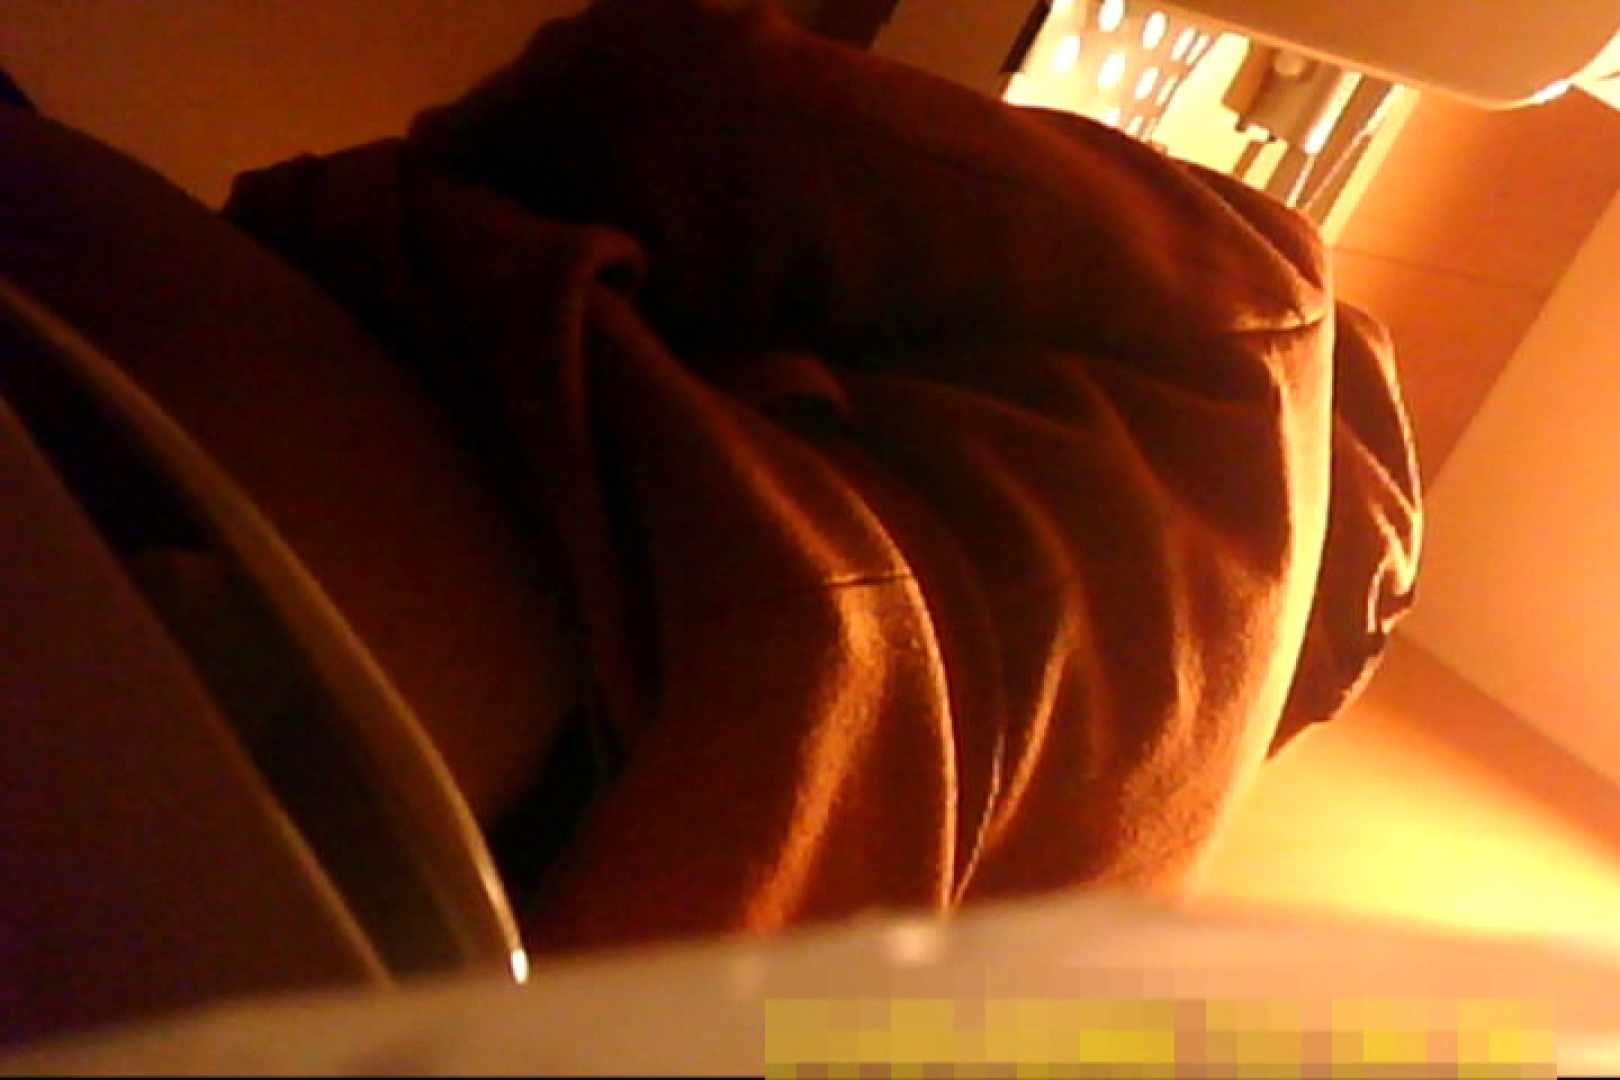 魅惑の化粧室~禁断のプライベート空間~vol.6 お姉さん丸裸 オメコ無修正動画無料 75pic 19